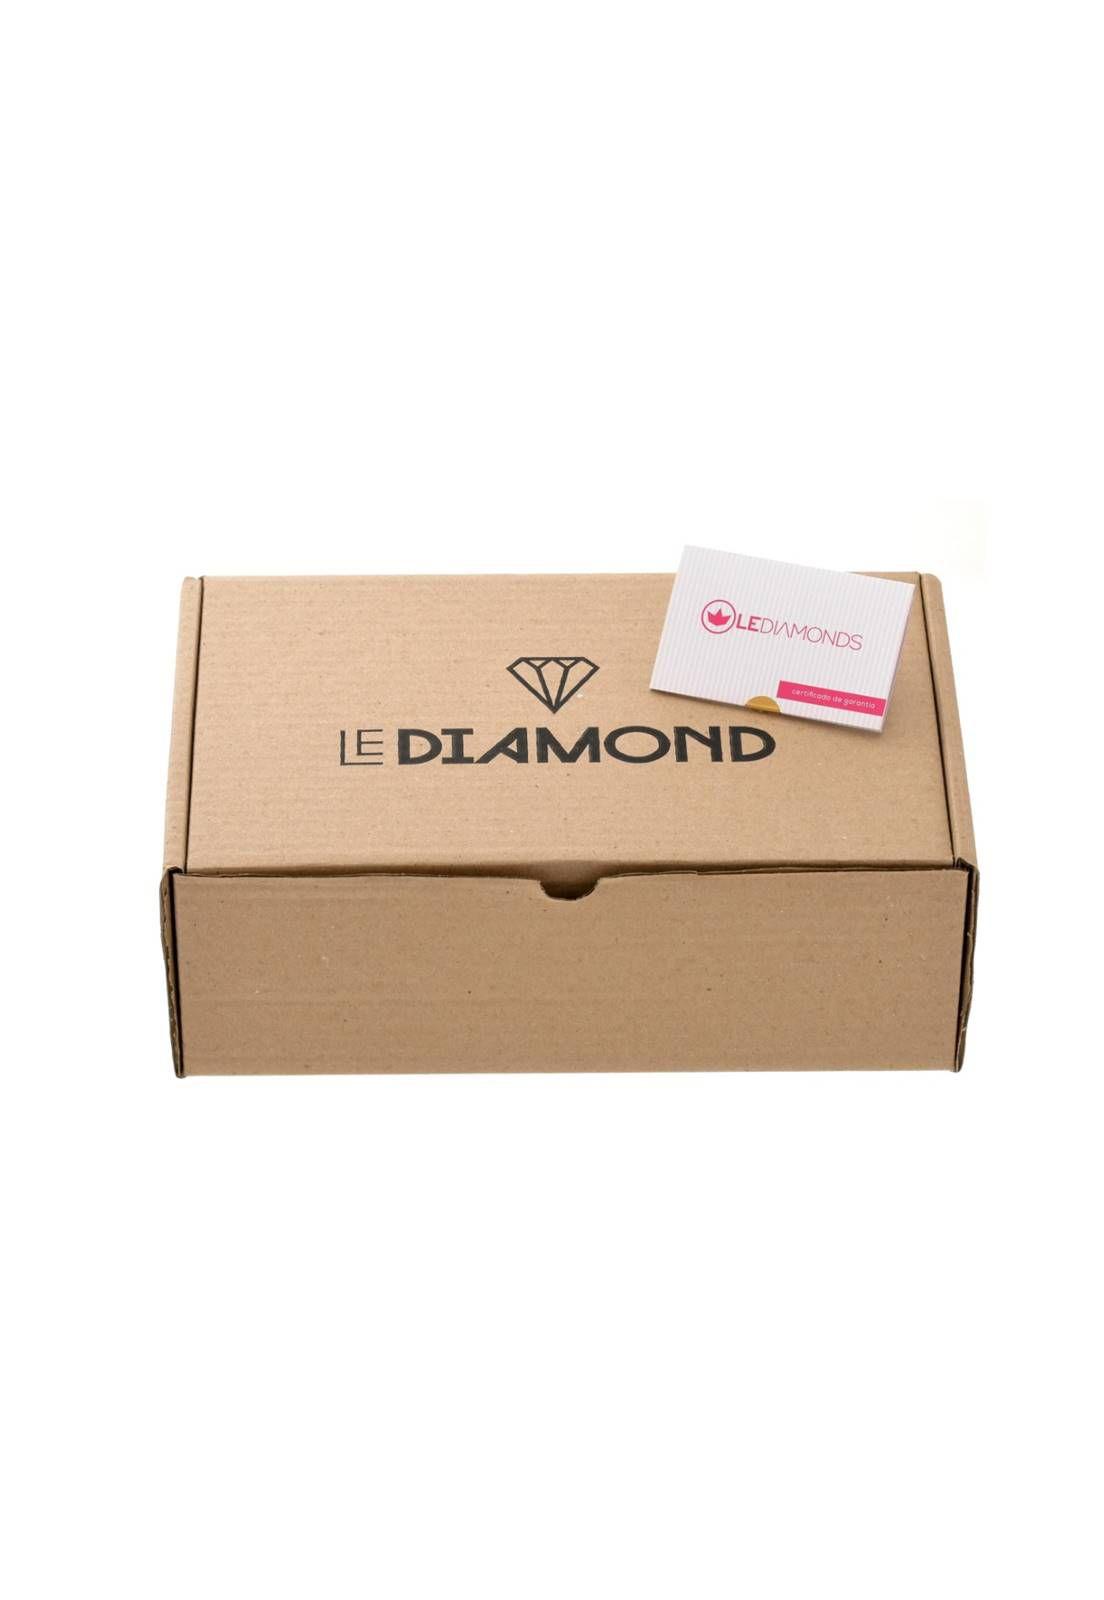 Colar Le Diamond Chapa de Ágata Marrom